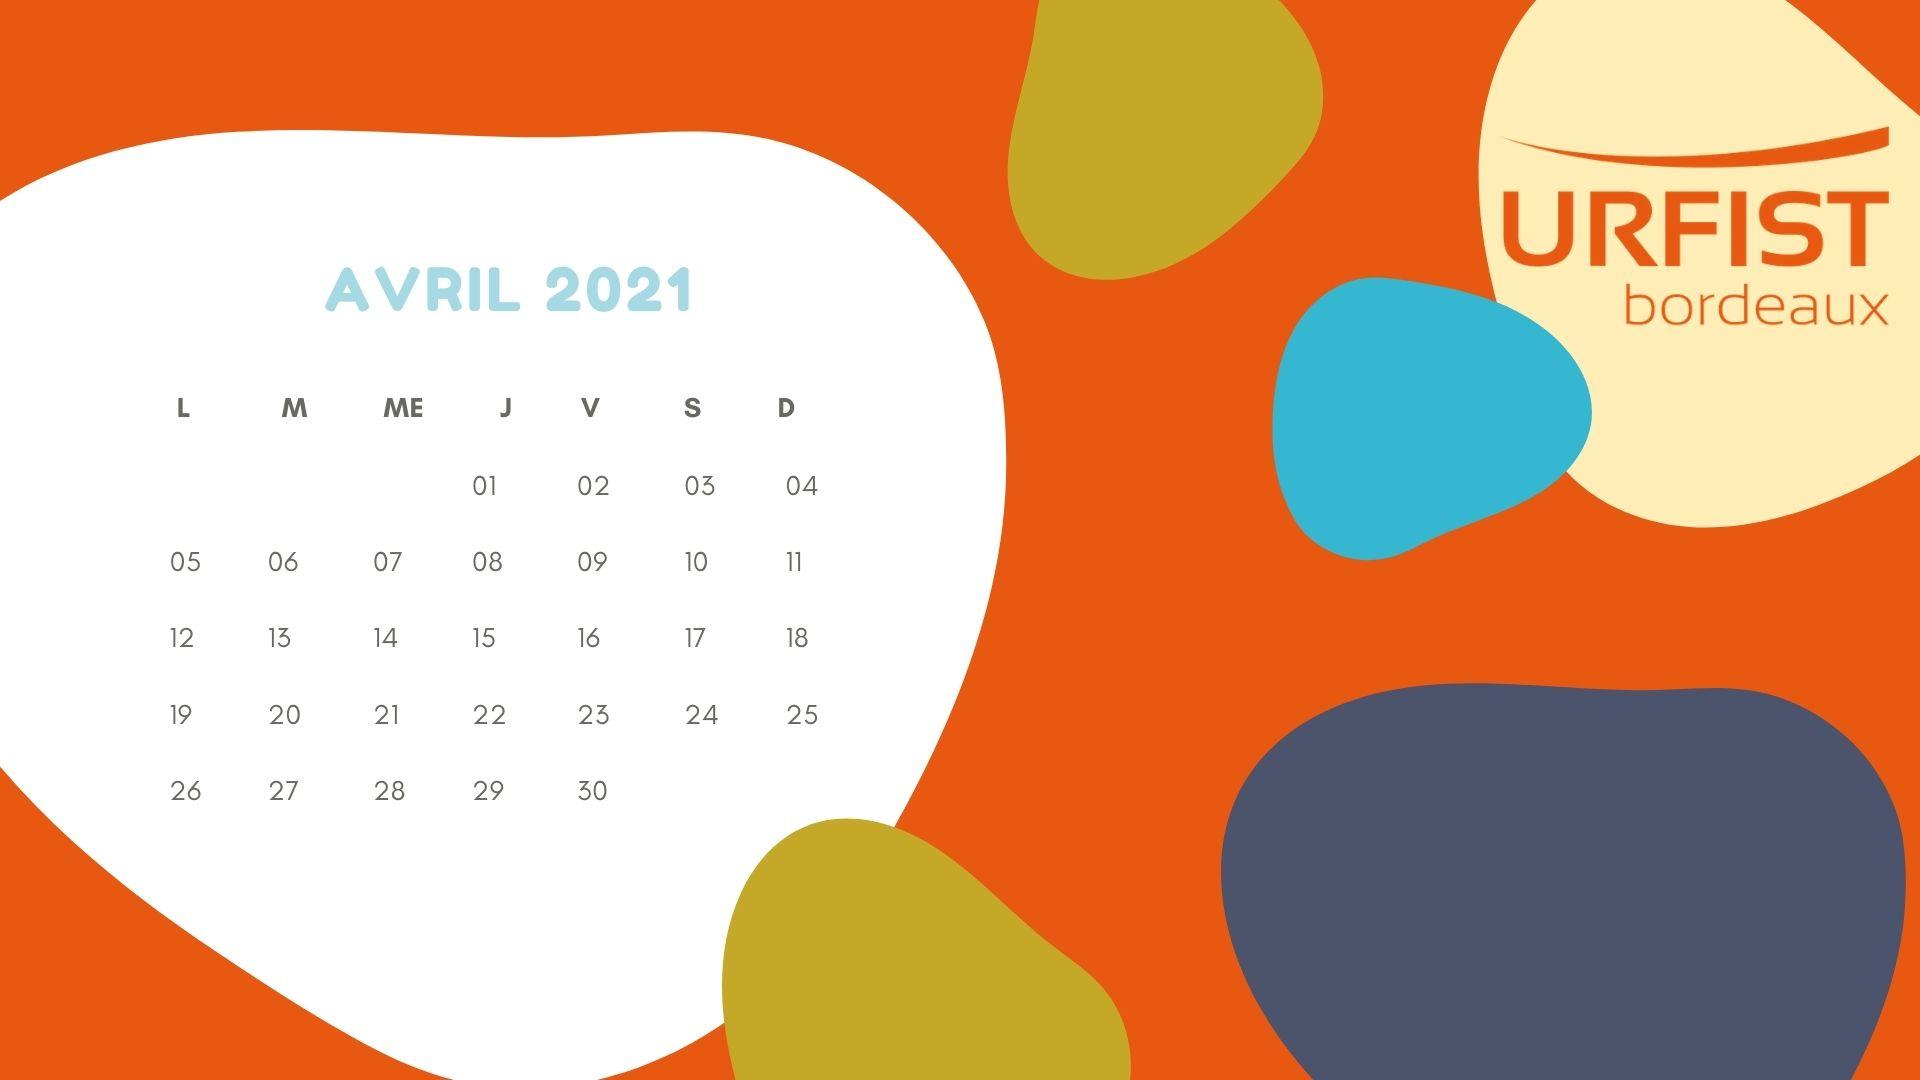 Calendrier du mois d'avril 2021